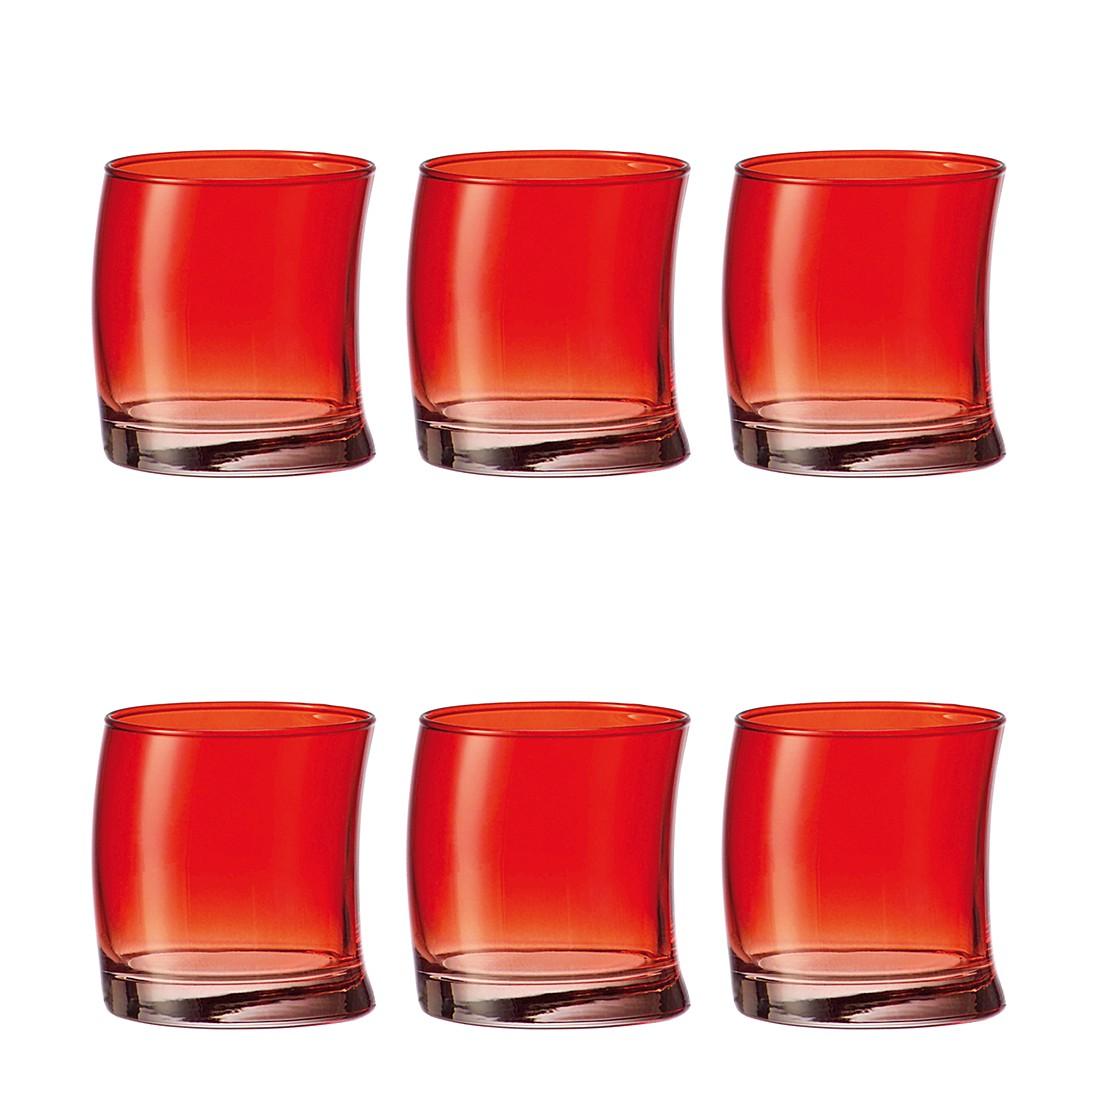 Becher Swing (6er-Set) – Klein – Rot, Leonardo günstig online kaufen